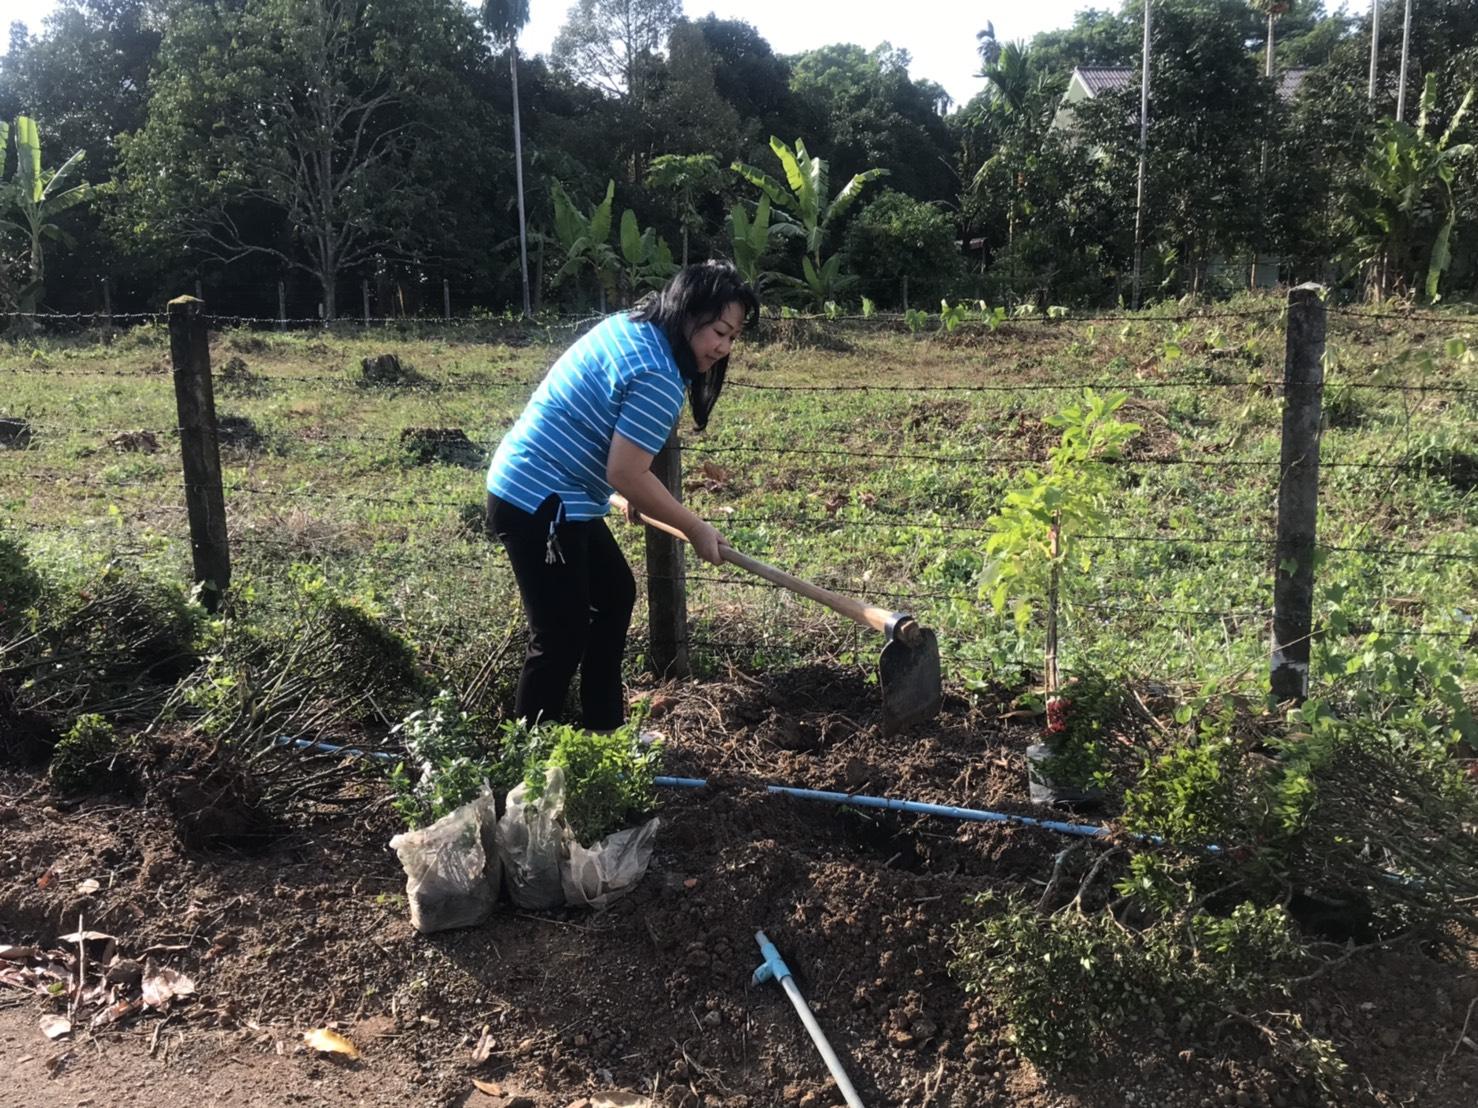 กปภ.สาขาขลุง จัดกิจกรรมปลูกต้นไม้